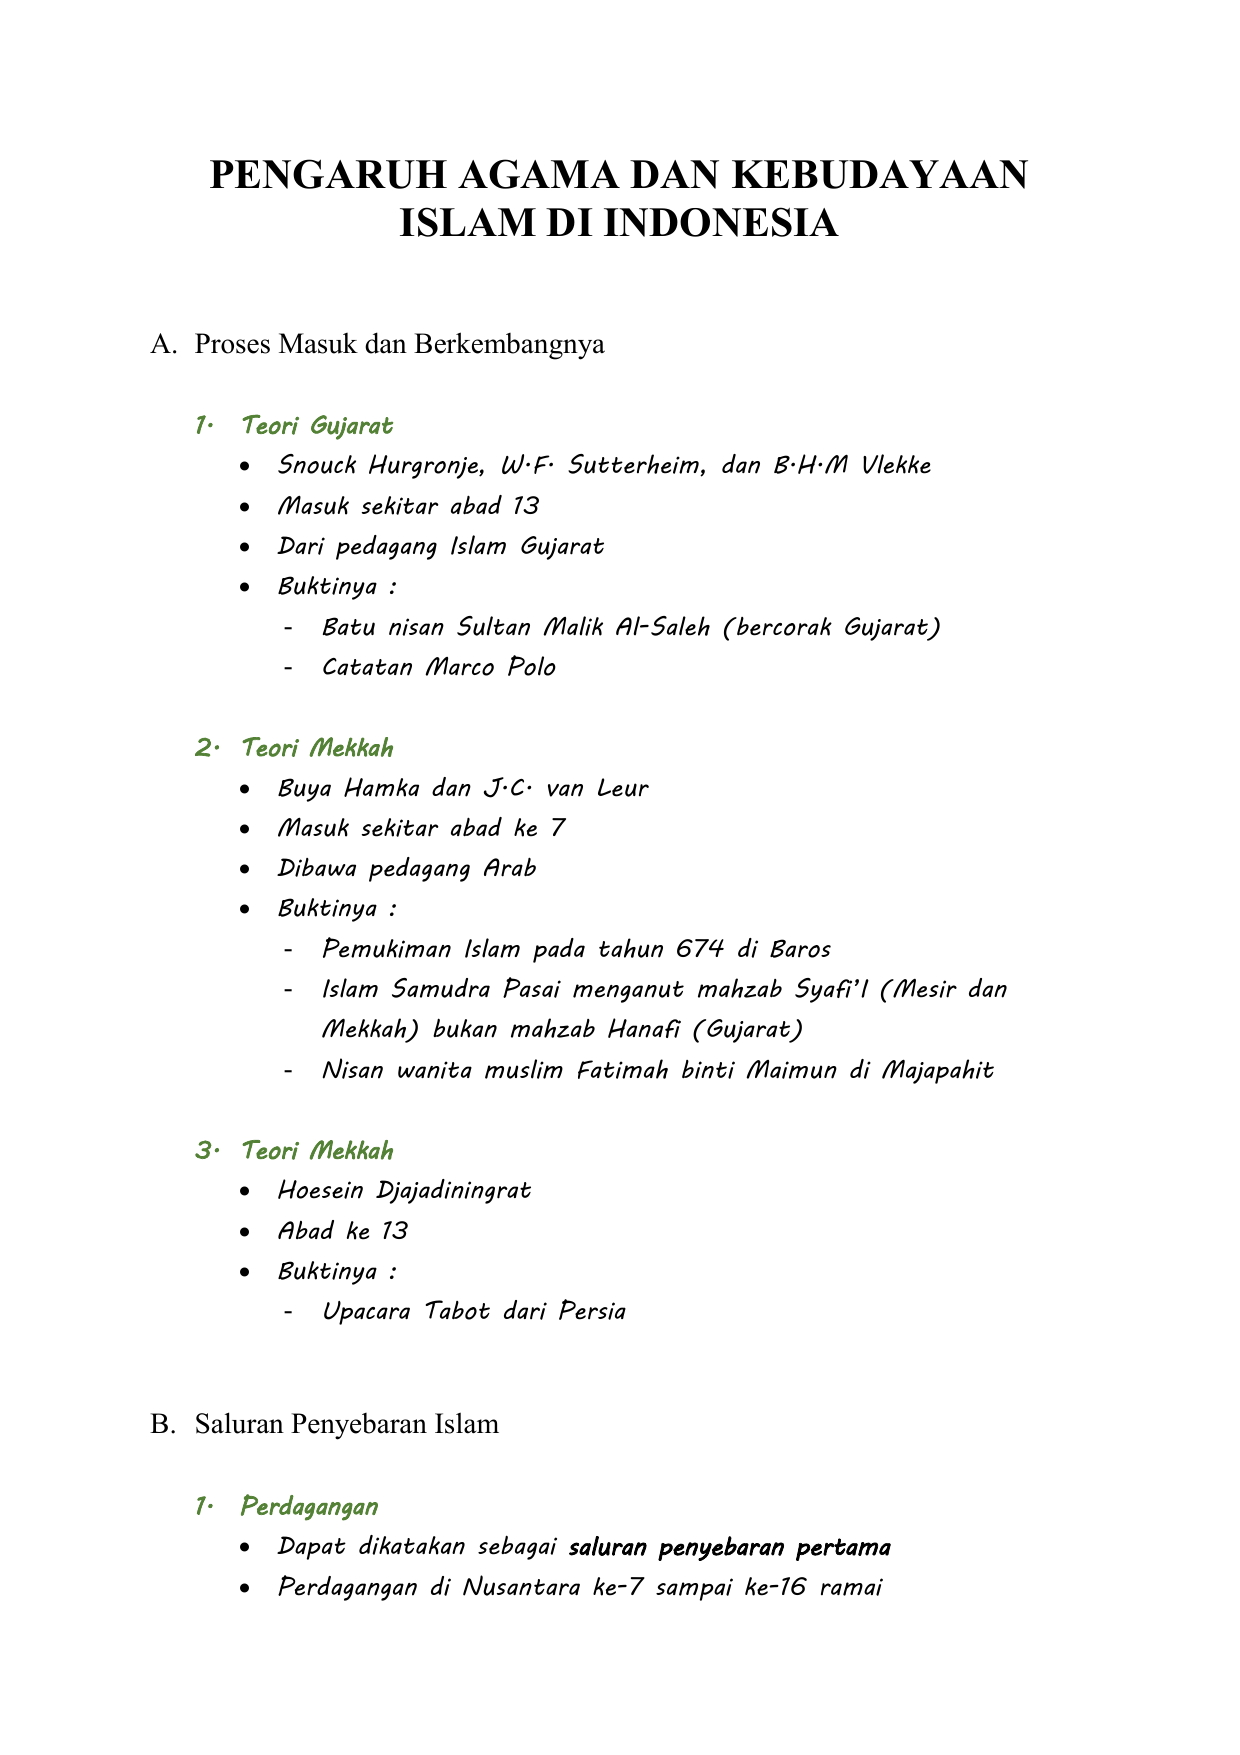 Pengaruh Agama Dan Kebudayaan Islam Di Indonesia